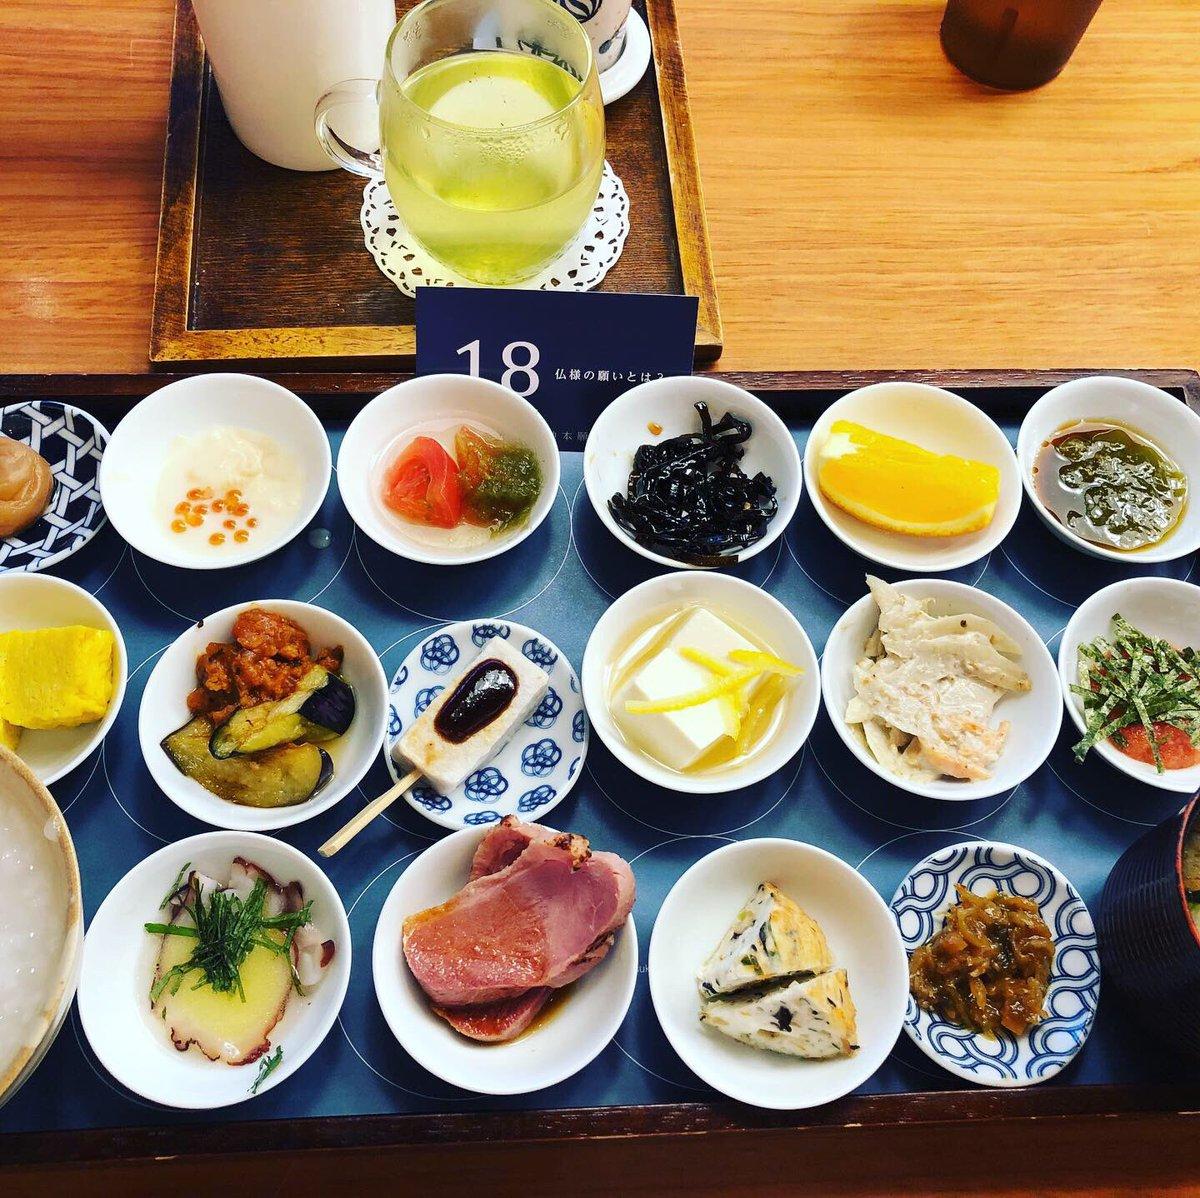 test ツイッターメディア - 朝食は築地本願寺のTsugumiで「18品の朝ごはん」  昼食は玉ひでの親子丼。  幕間には明治座のクロックムッシュ。  お土産には人形町の「清寿軒」のどら焼きを。  表情よく見えた2列目より、3階からの方が全景見えるせいか感動してます。  さて、これから大いに歌うだ! https://t.co/q9FmPn2QJ1